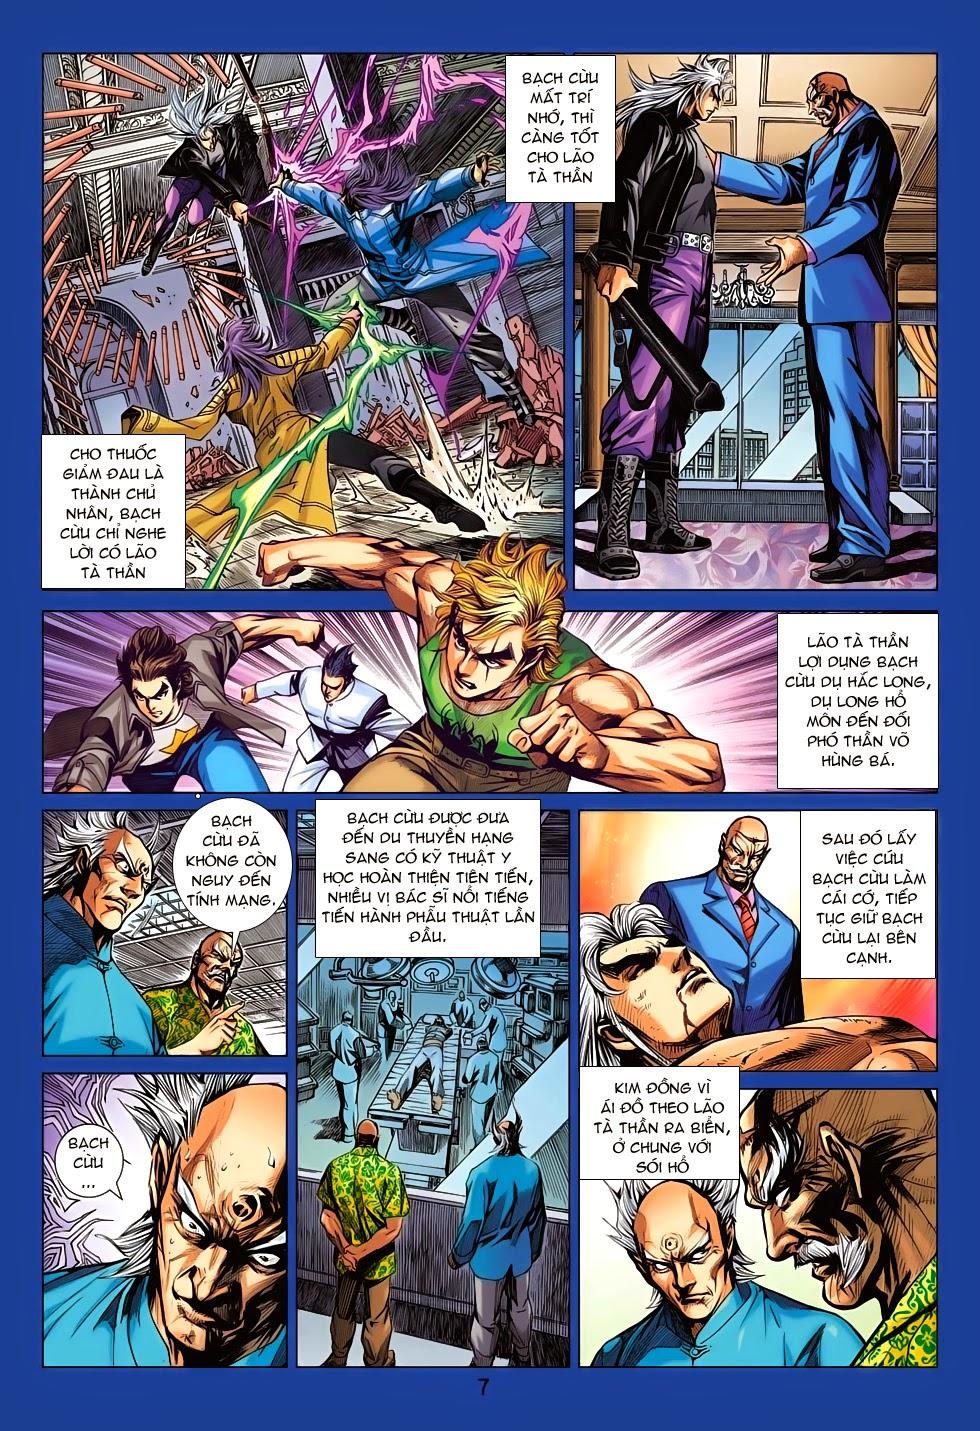 Tân Tác Long Hổ Môn chap 708 - Trang 8